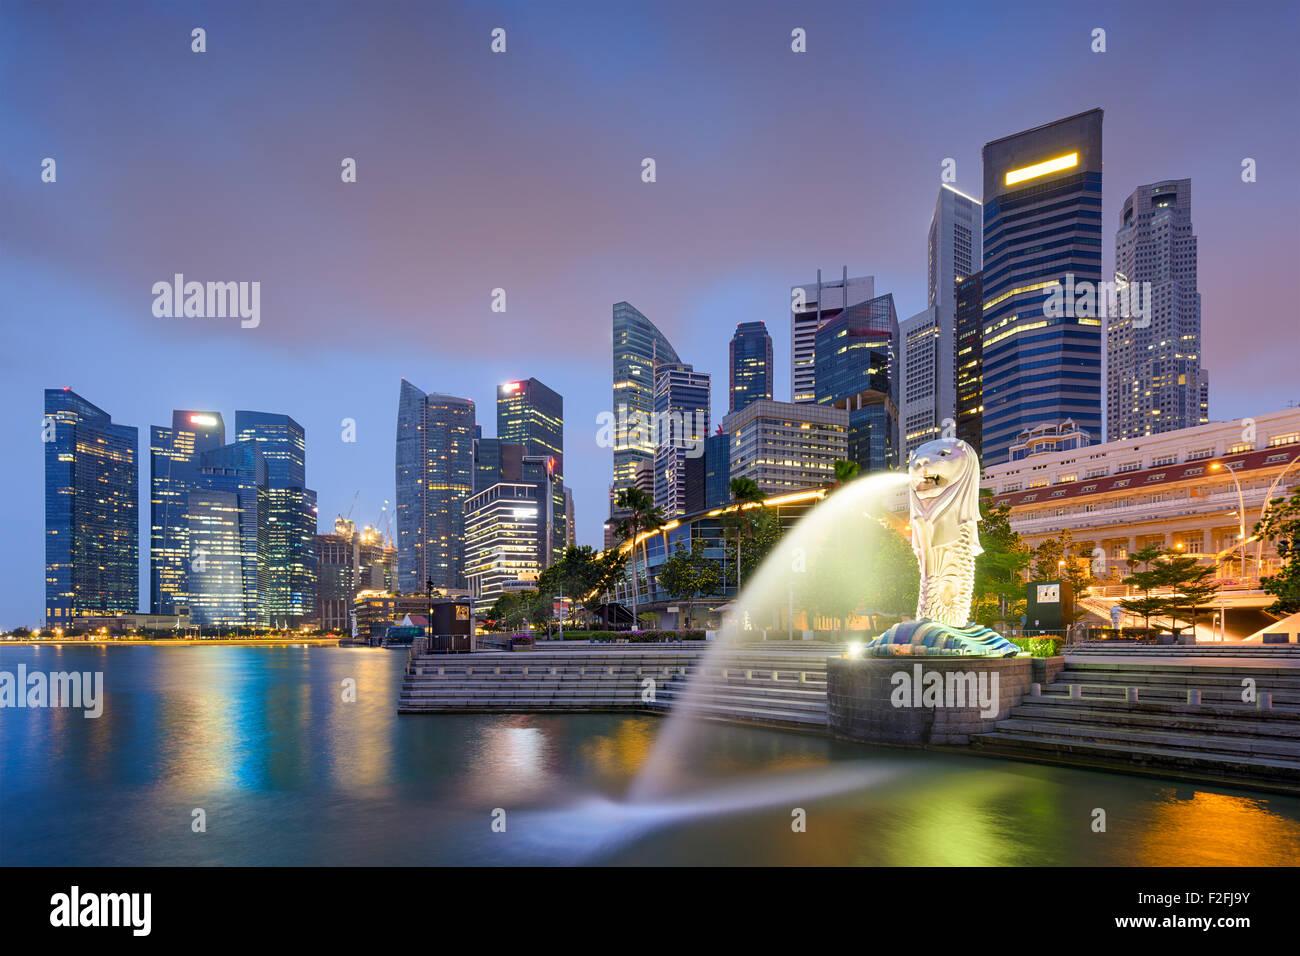 Lo skyline di Singapore presso la fontana. Immagini Stock